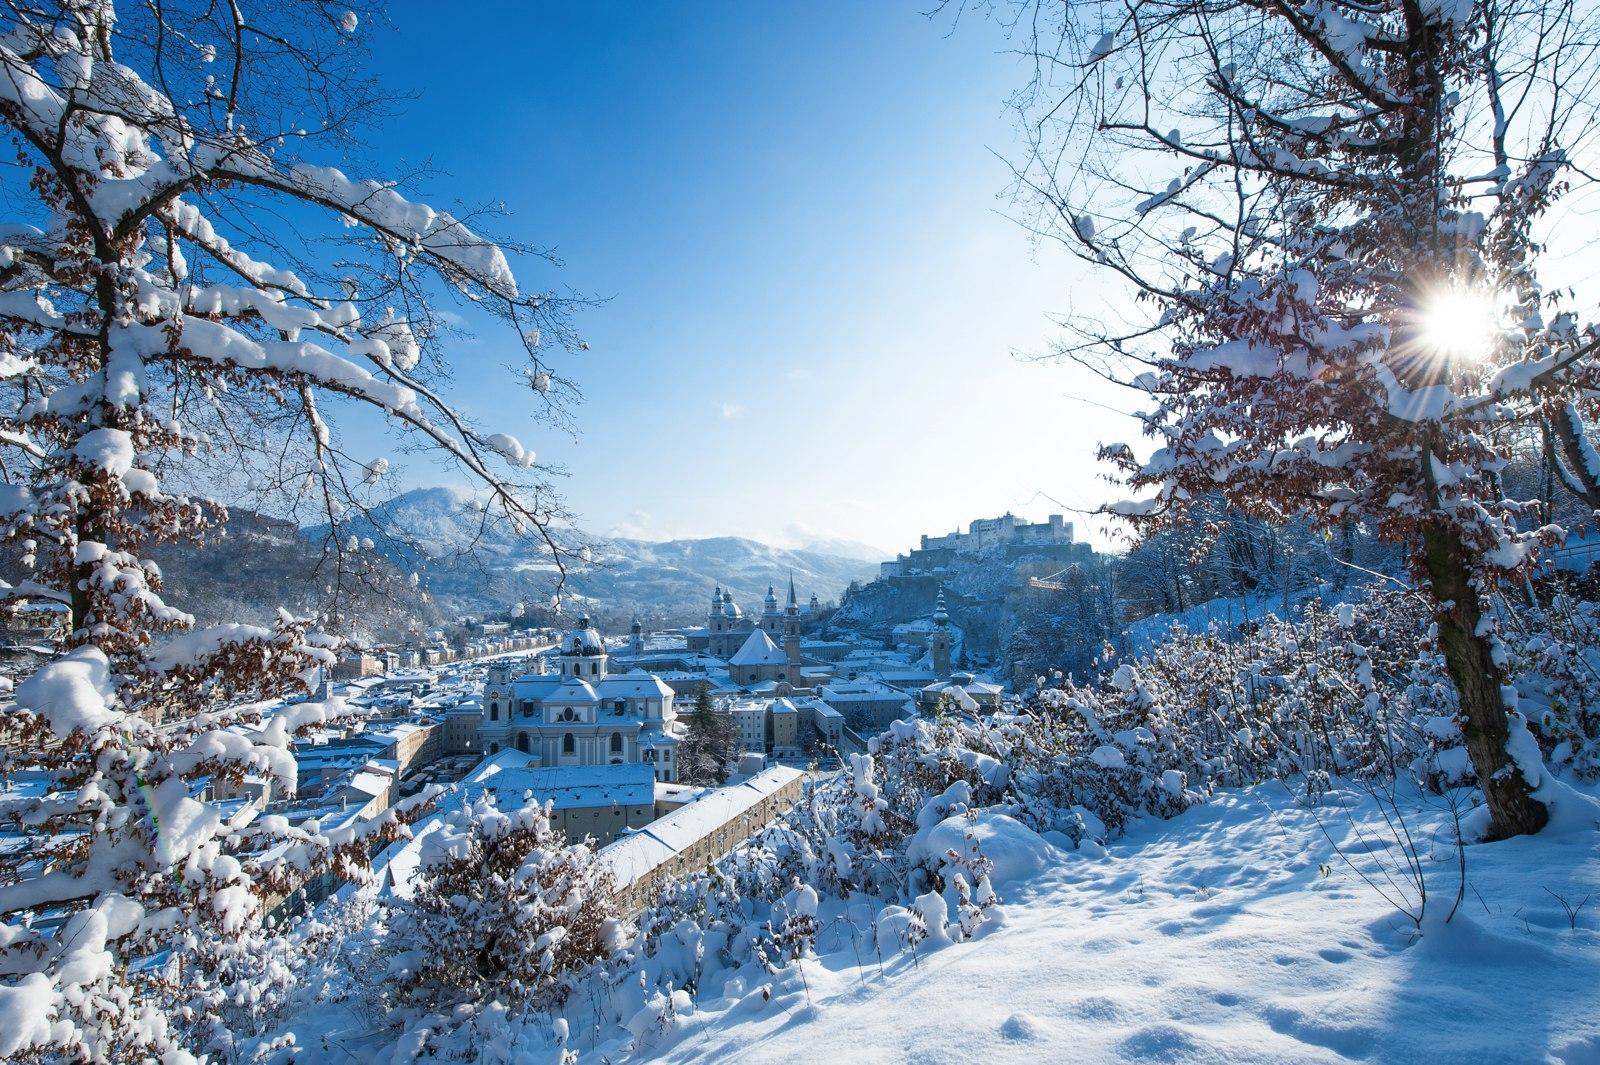 Winter Cities In Europe (3)